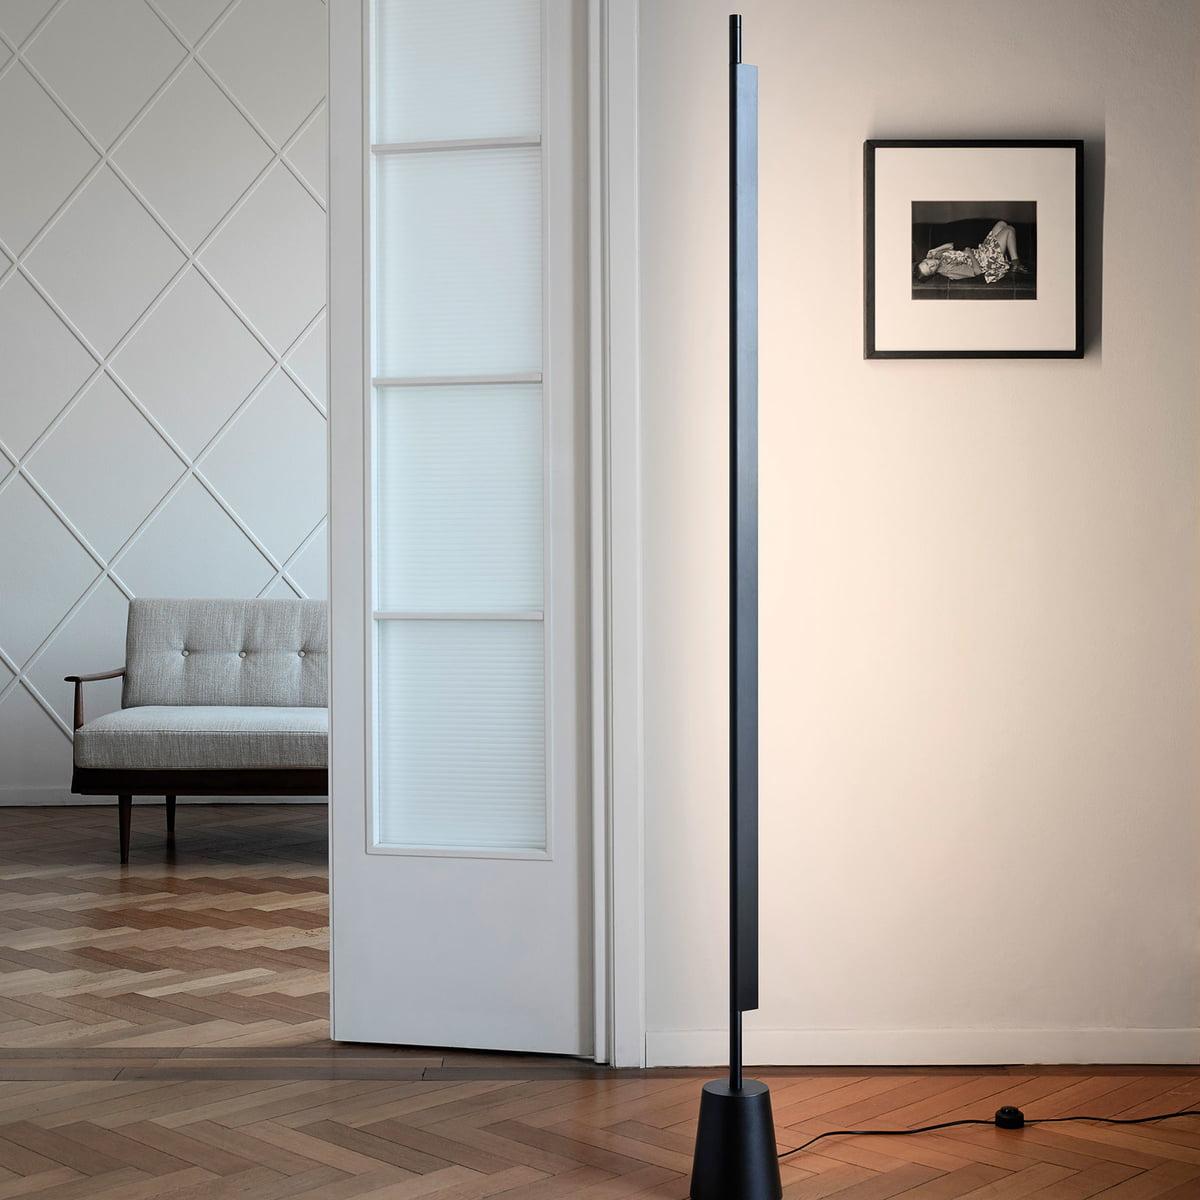 Full Size of Wohnzimmer Stehlampe Led D81 Compendium Stehleuchte Von Luceplan Schrankwand Echtleder Sofa Hängeleuchte Lederpflege Sideboard Deckenlampen Decke Wohnzimmer Wohnzimmer Stehlampe Led